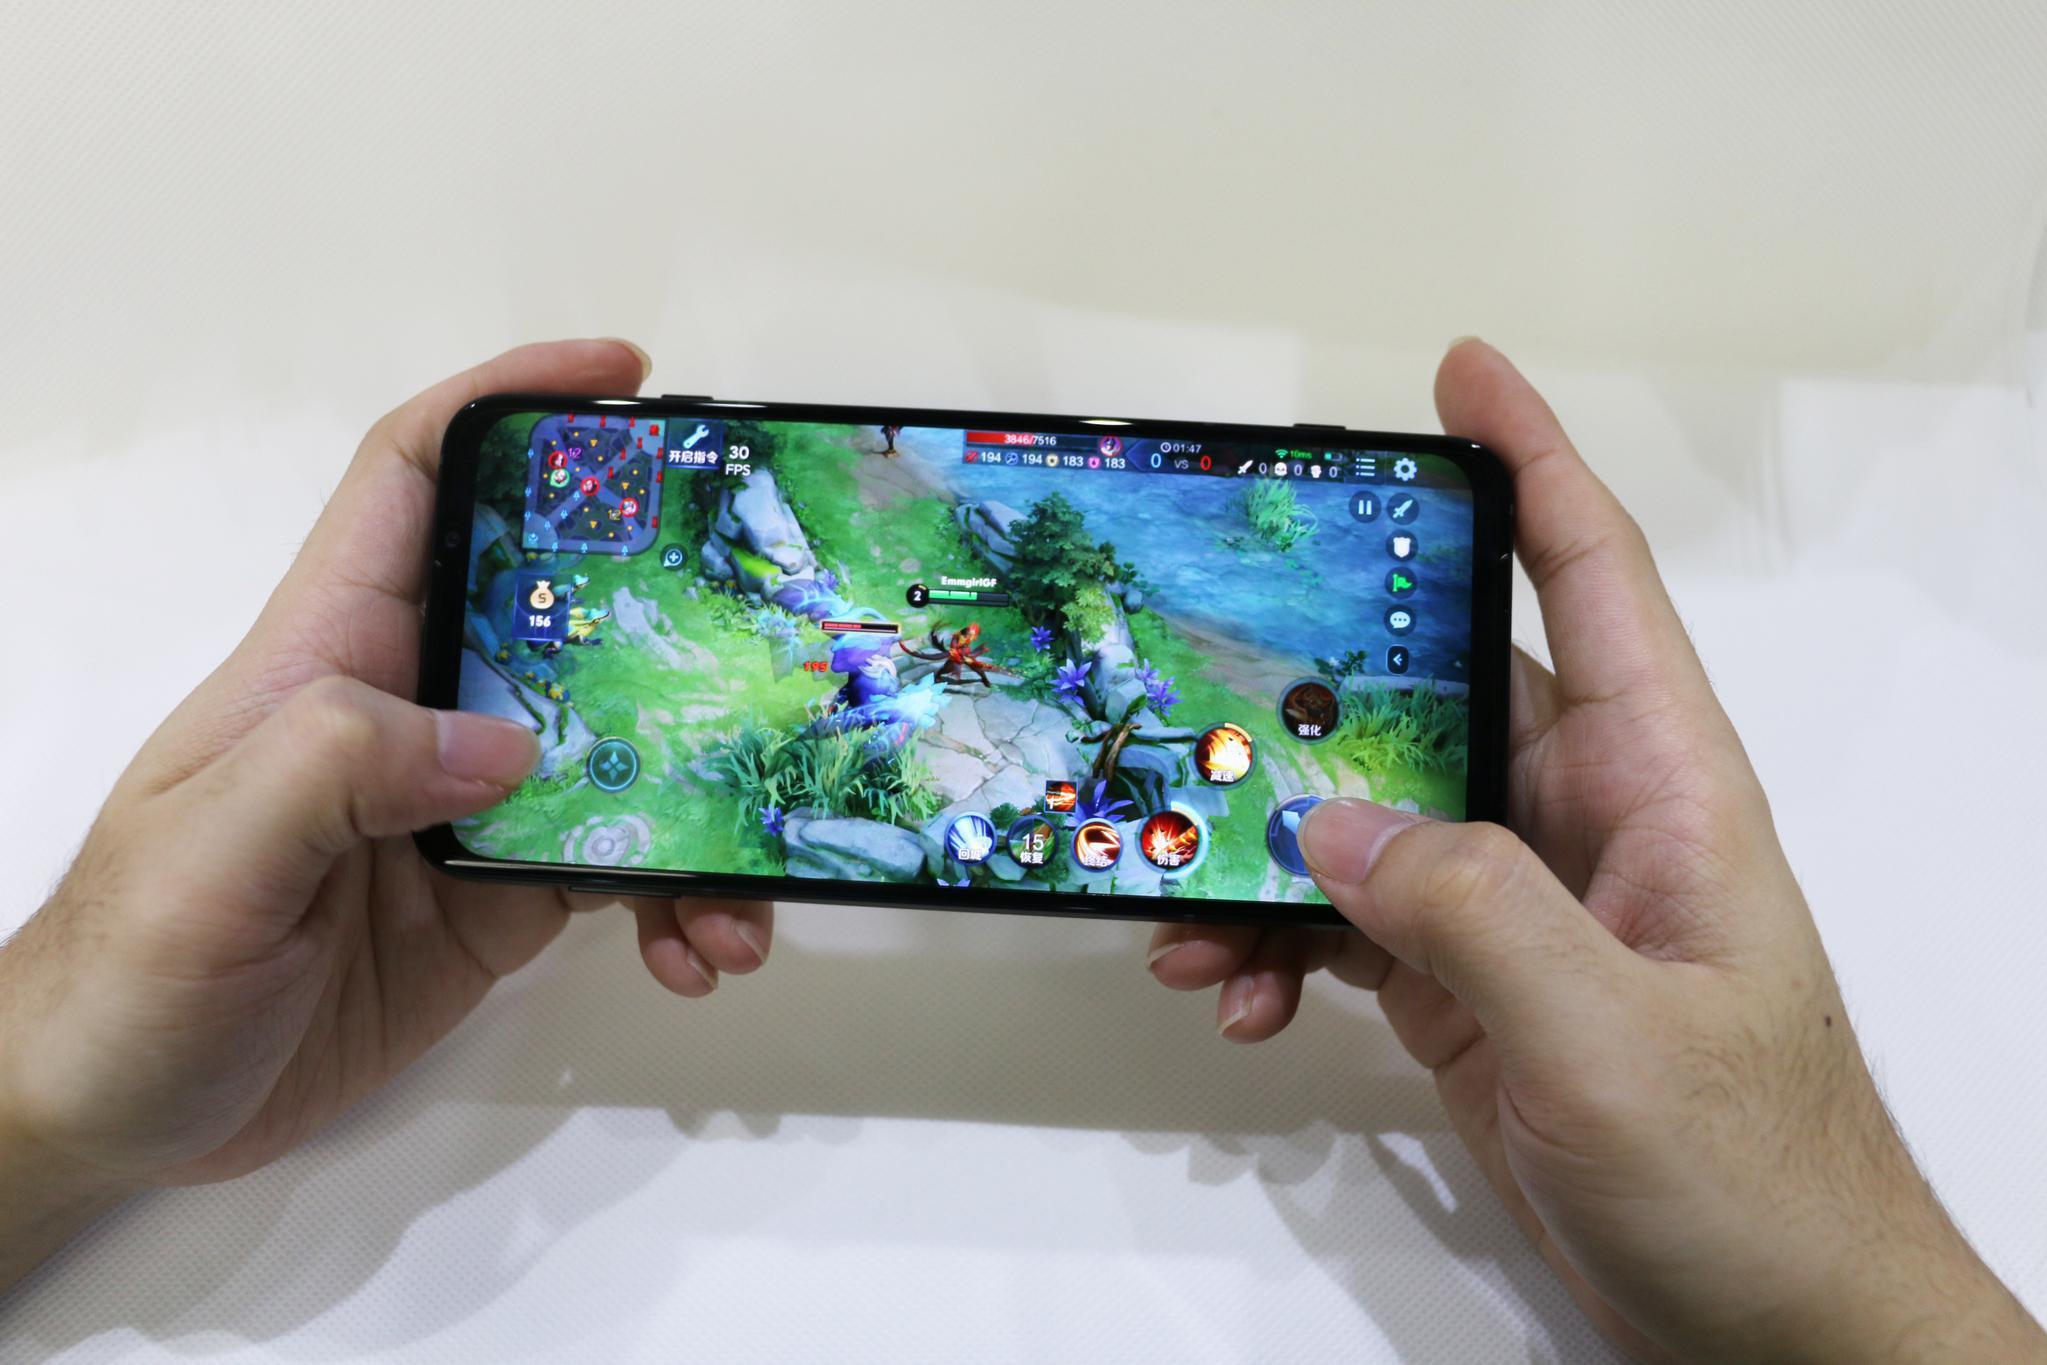 腾讯黑鲨手机3体验:超强性能配专业游戏手柄,吃鸡上分太轻松!